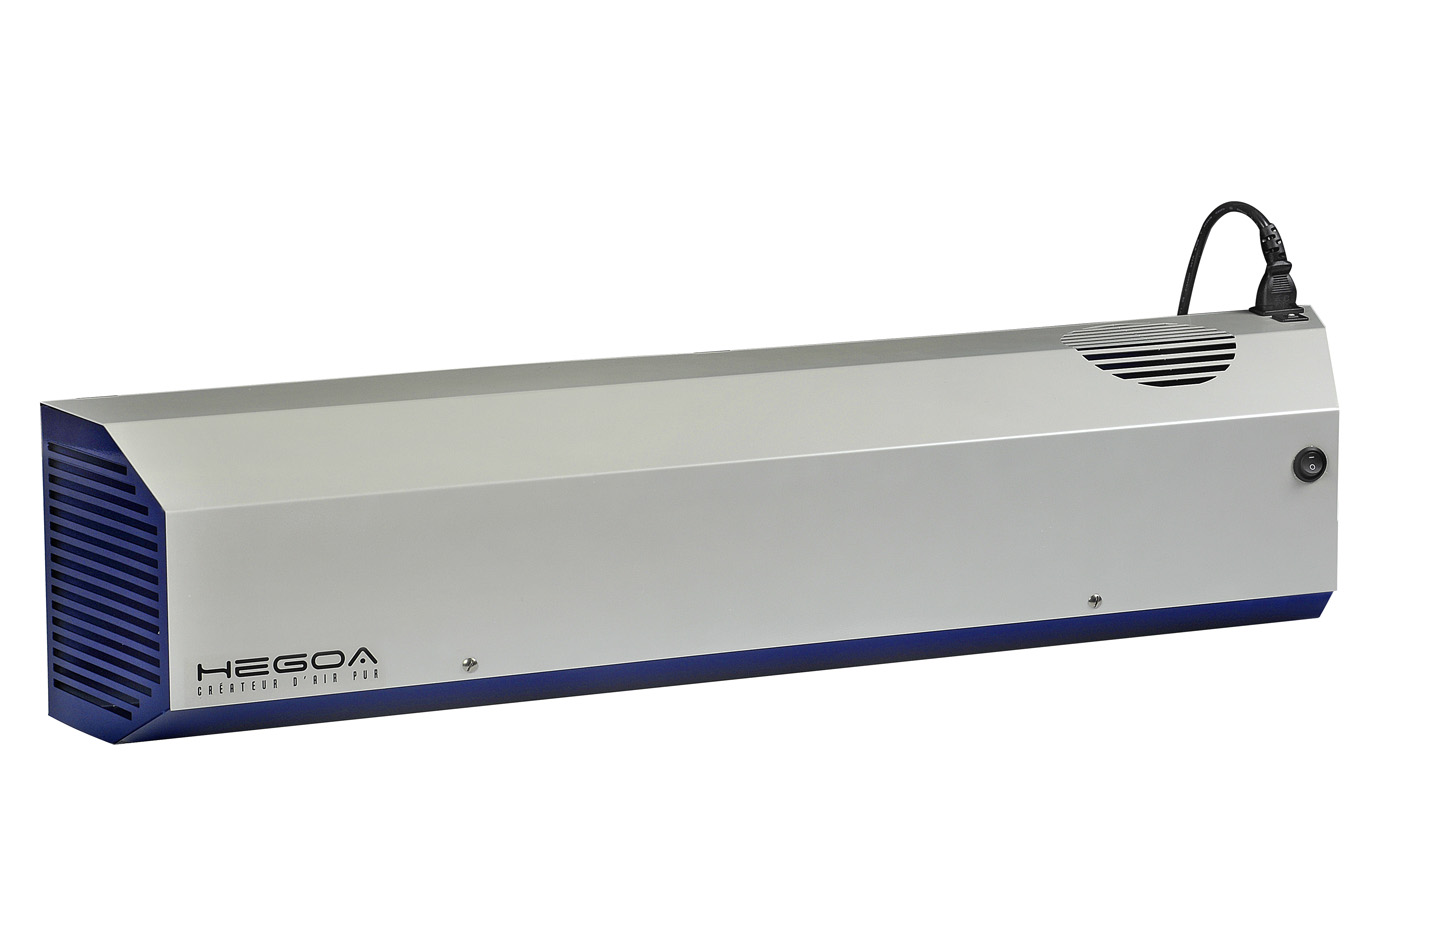 Gamme HEGOA 100_traitement de l'air_Médical_traitement UV et Photocatalyse_ANEMO